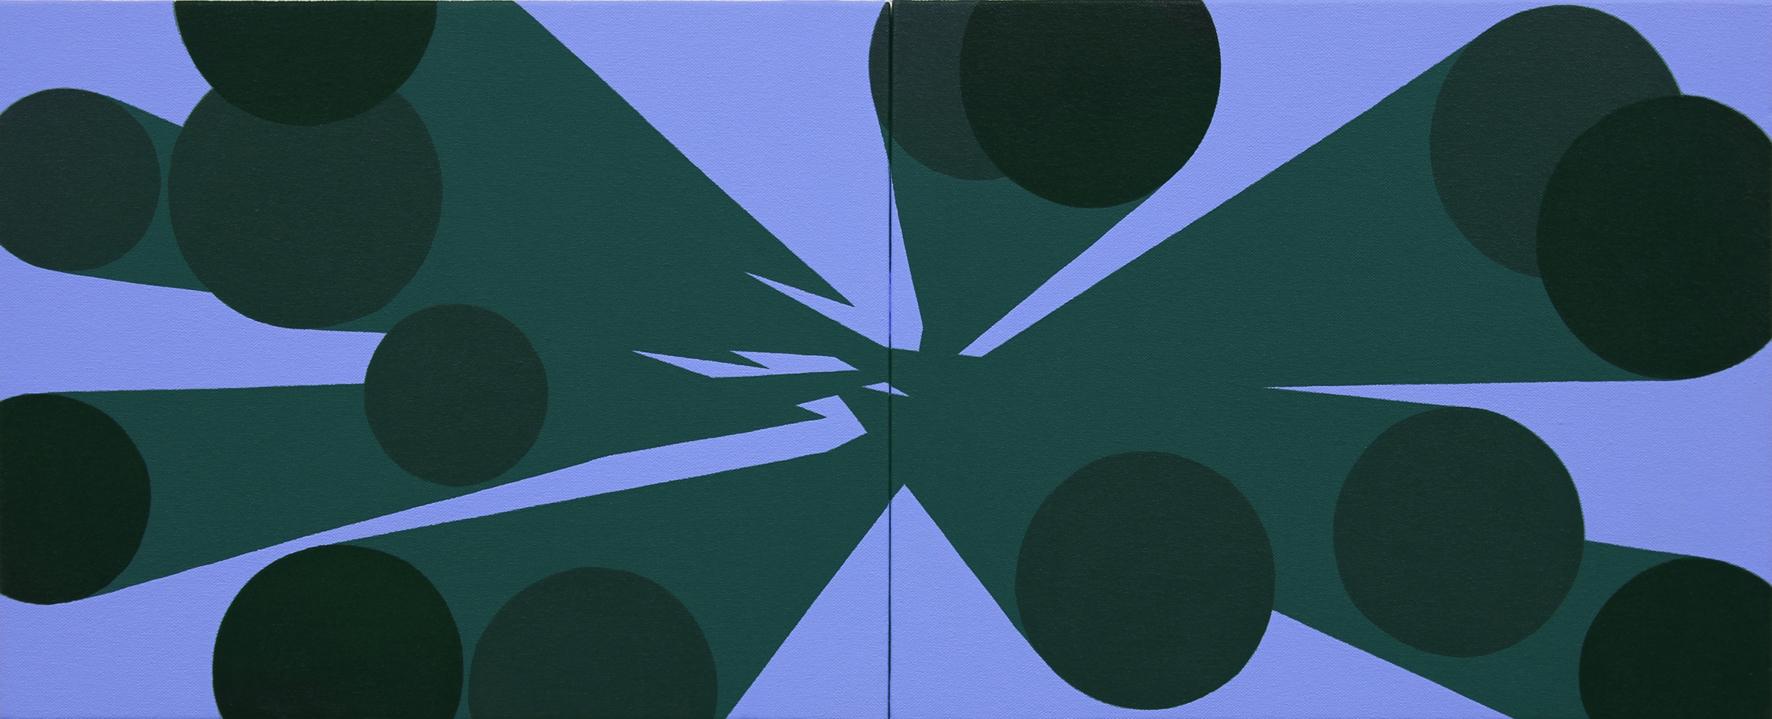 Memorias Imaginadas, 2014, acrílico sobre lienzo, 33 x 82 cm.